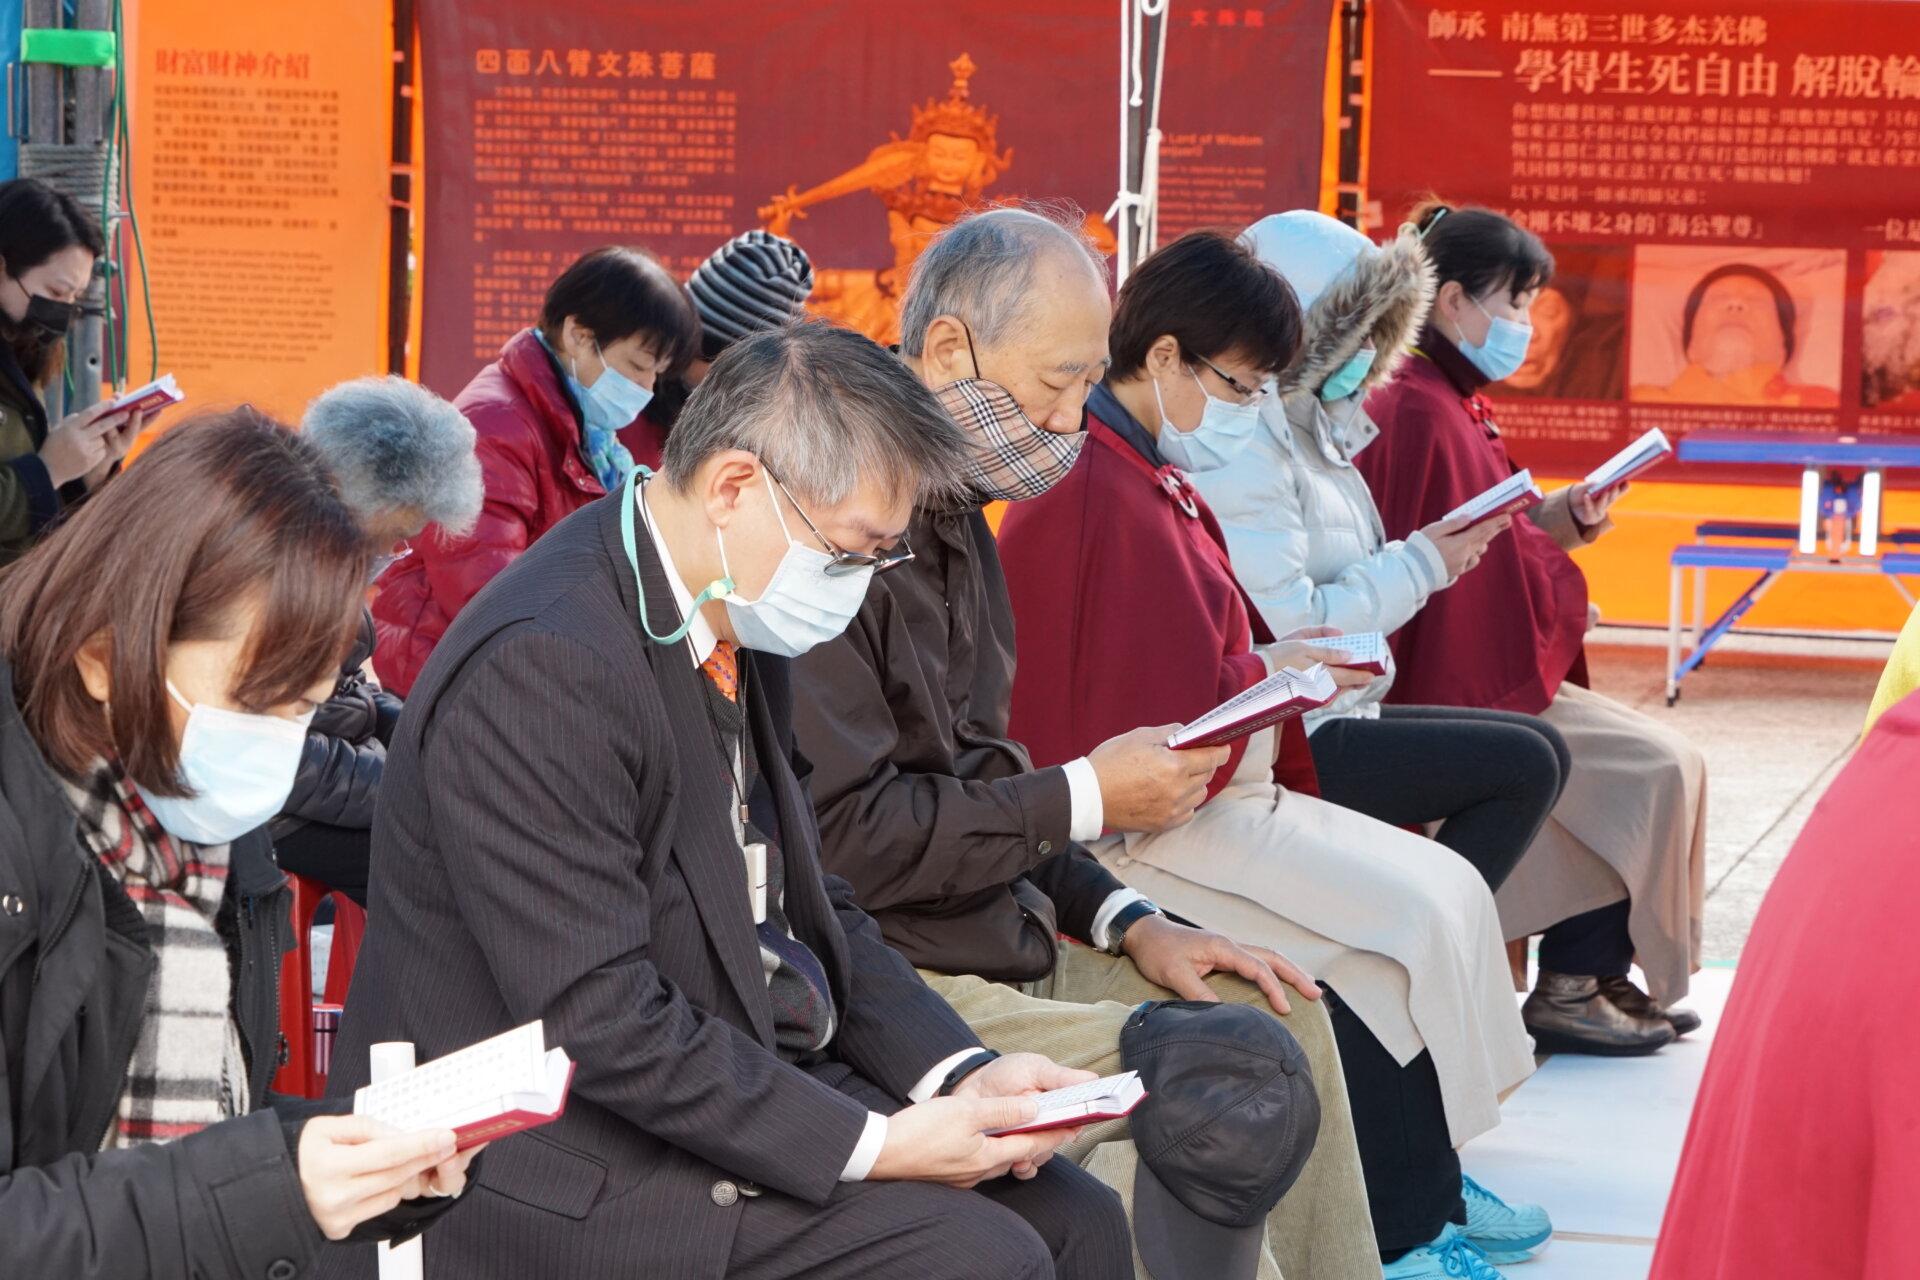 行動佛殿117站台北中正紀念堂,信眾齊心誦經